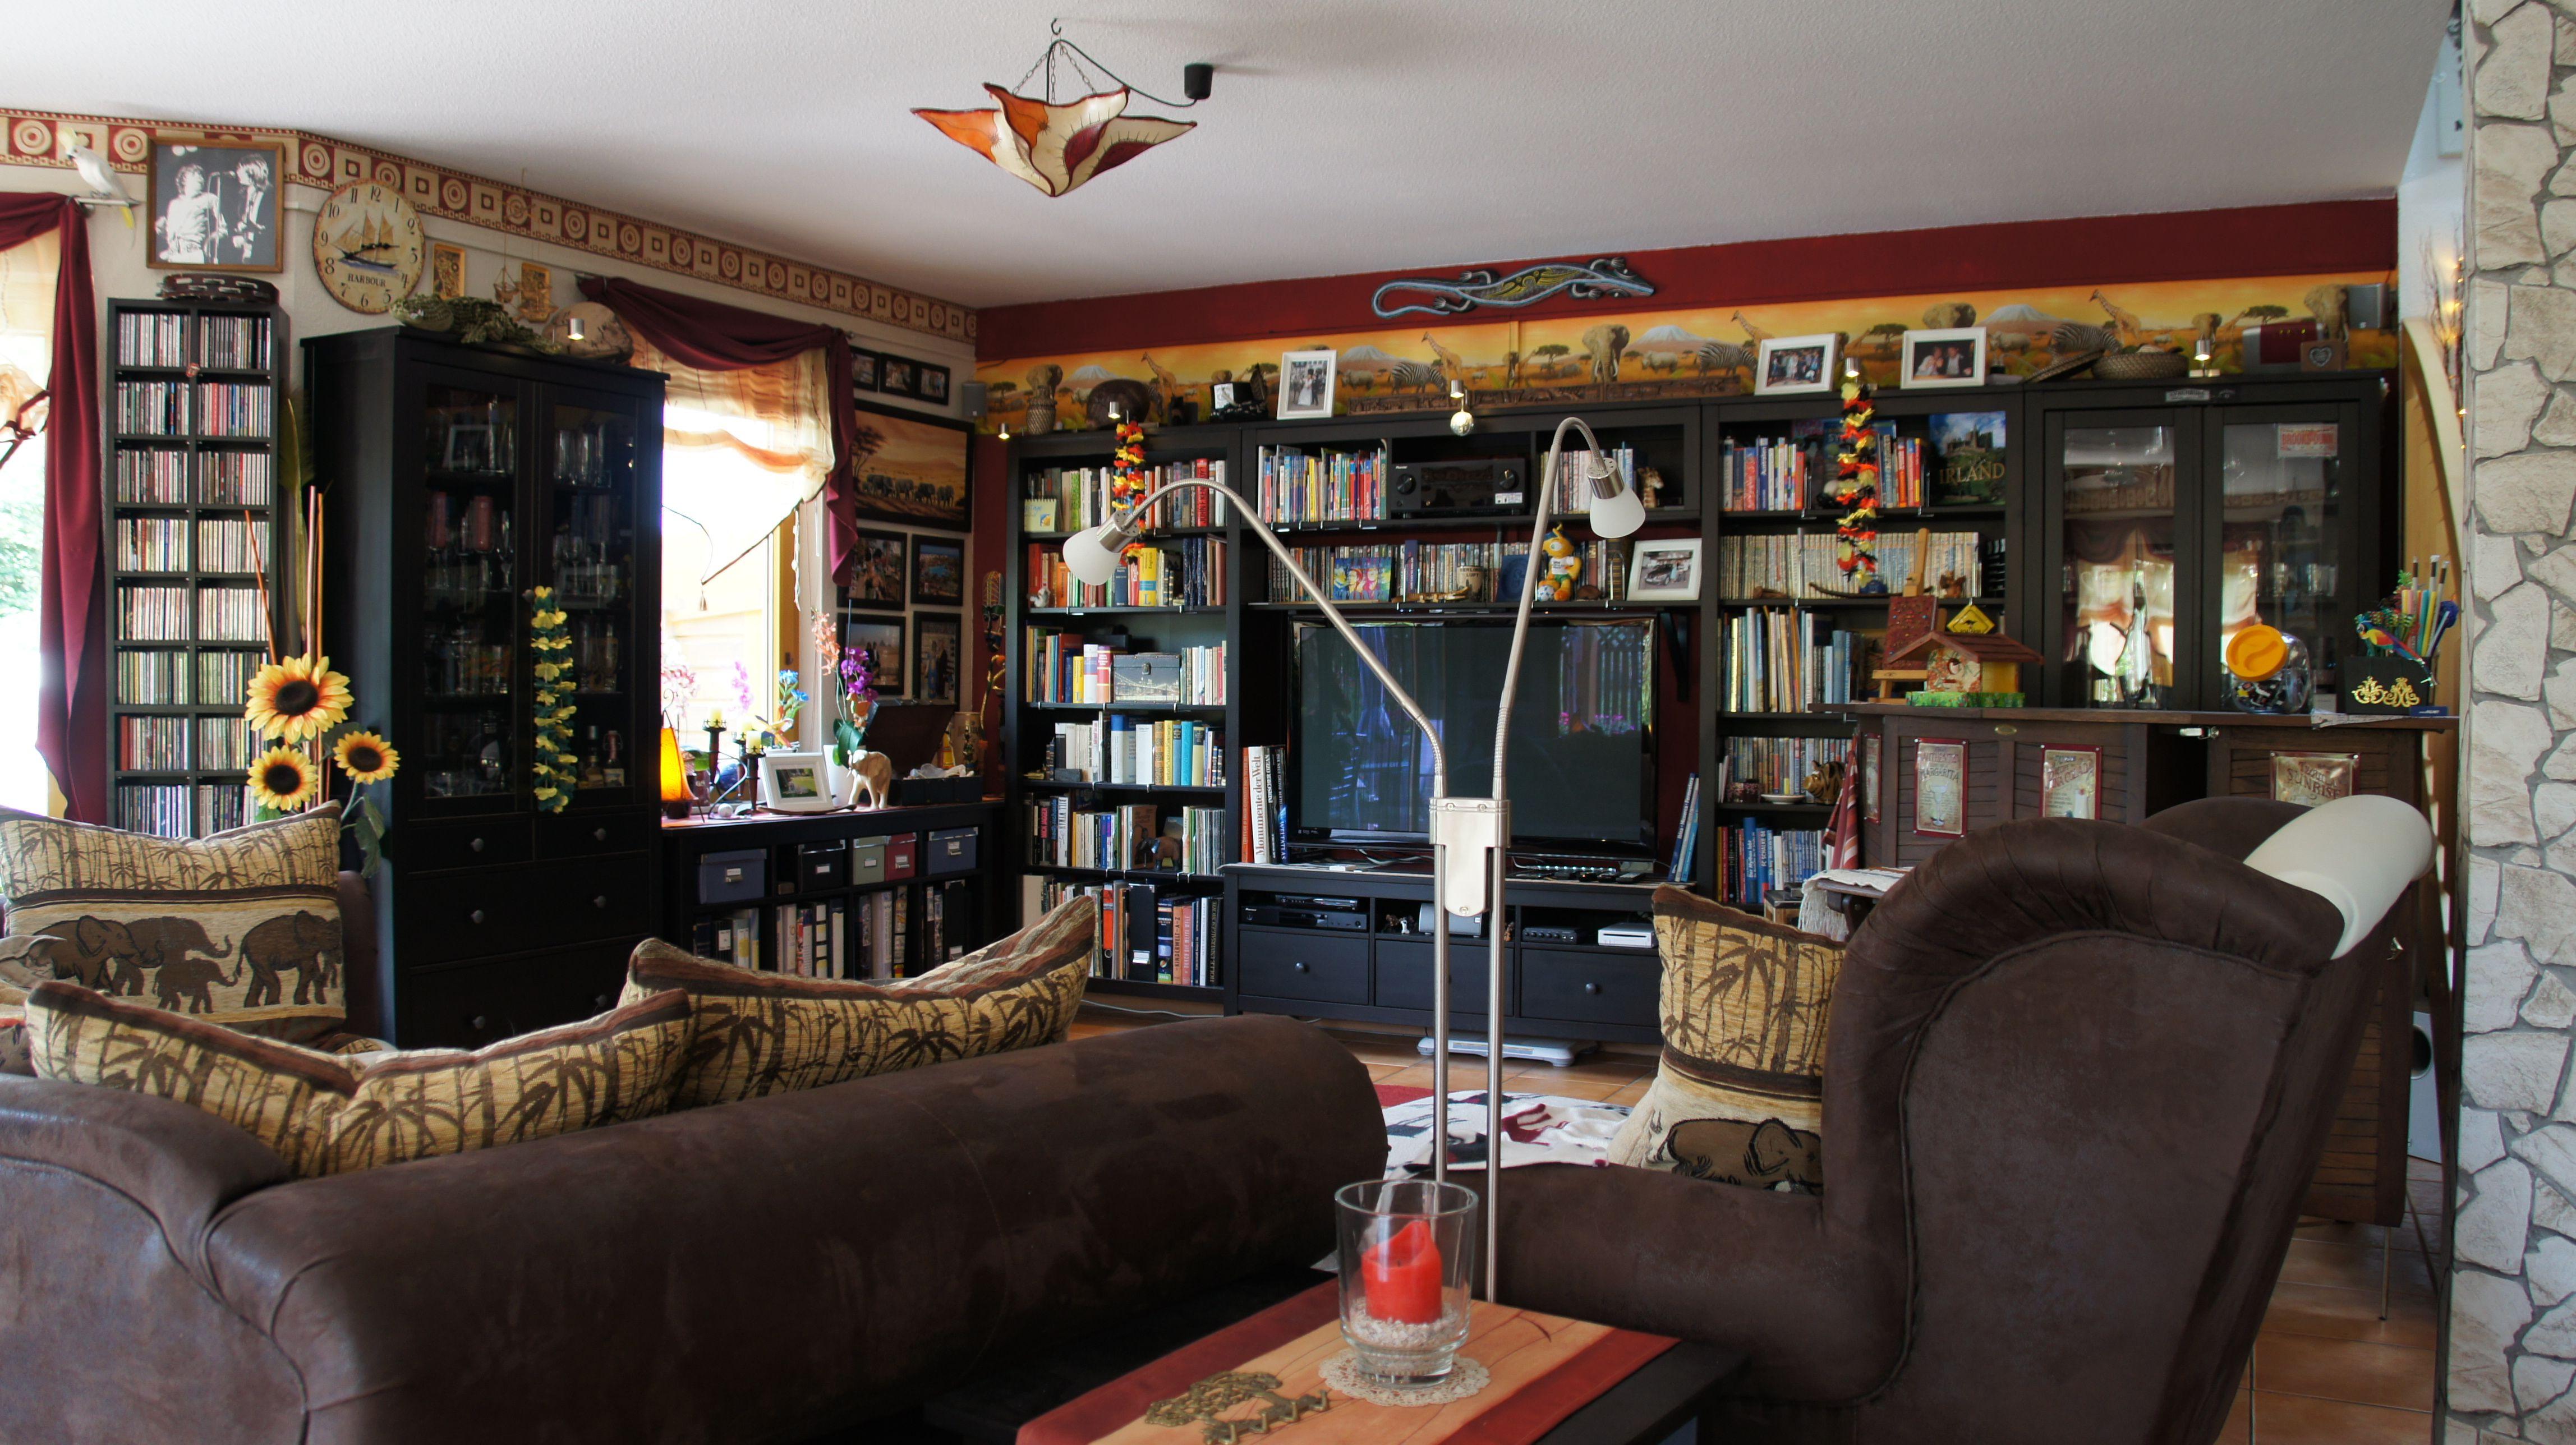 Wohnzimmer im Kolonialstil  Wohnen, Home deko, Kolonialstil